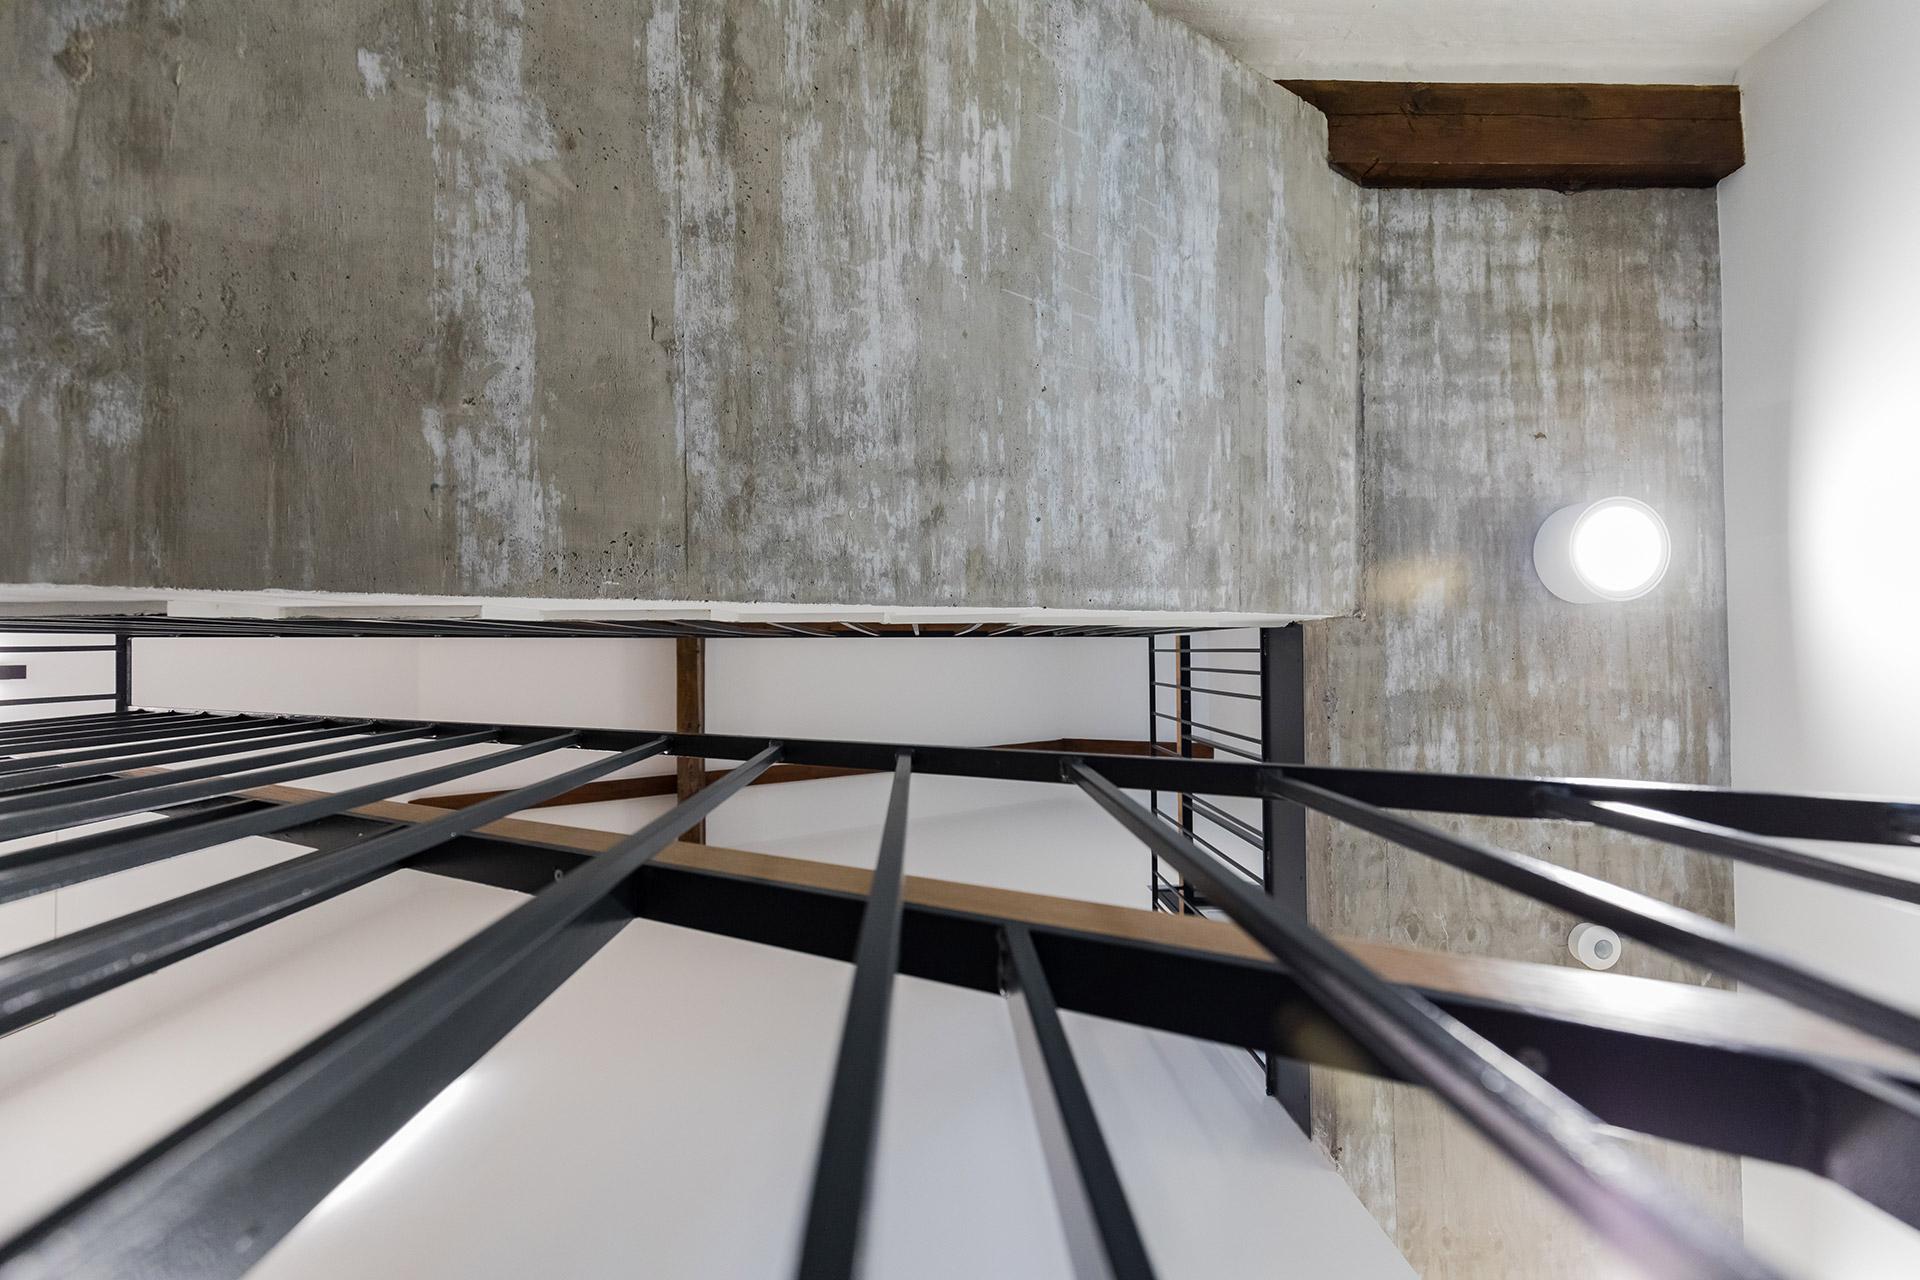 20191024_Park48_Architekten_Wulff-Thaysen_Ratzeburg_00000000085